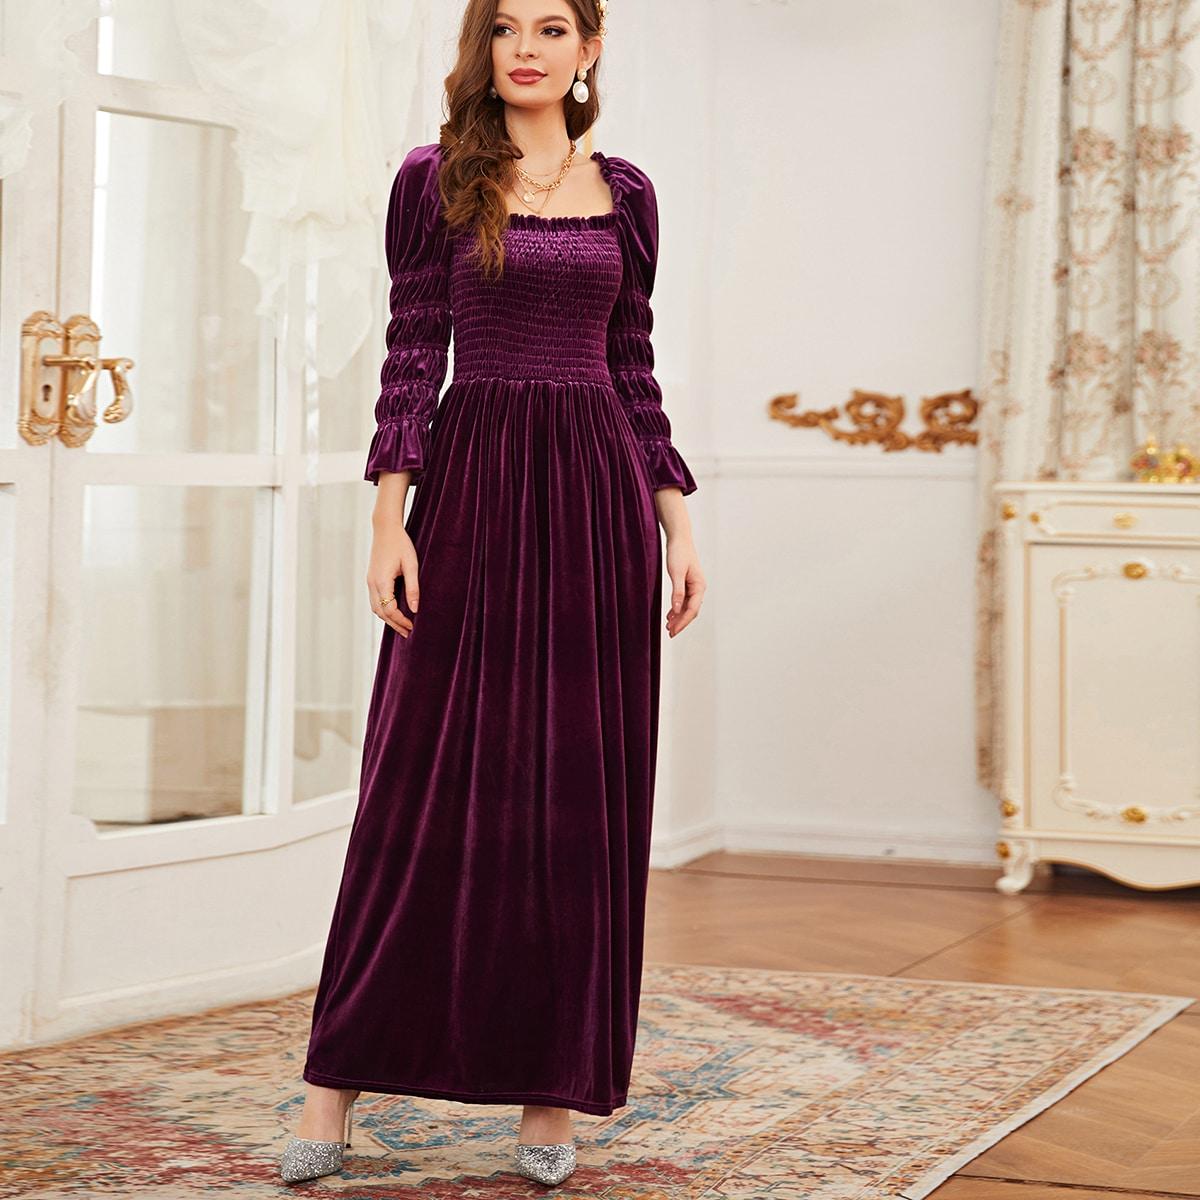 Бархатное платье с пышным рукавом и квадратным воротником